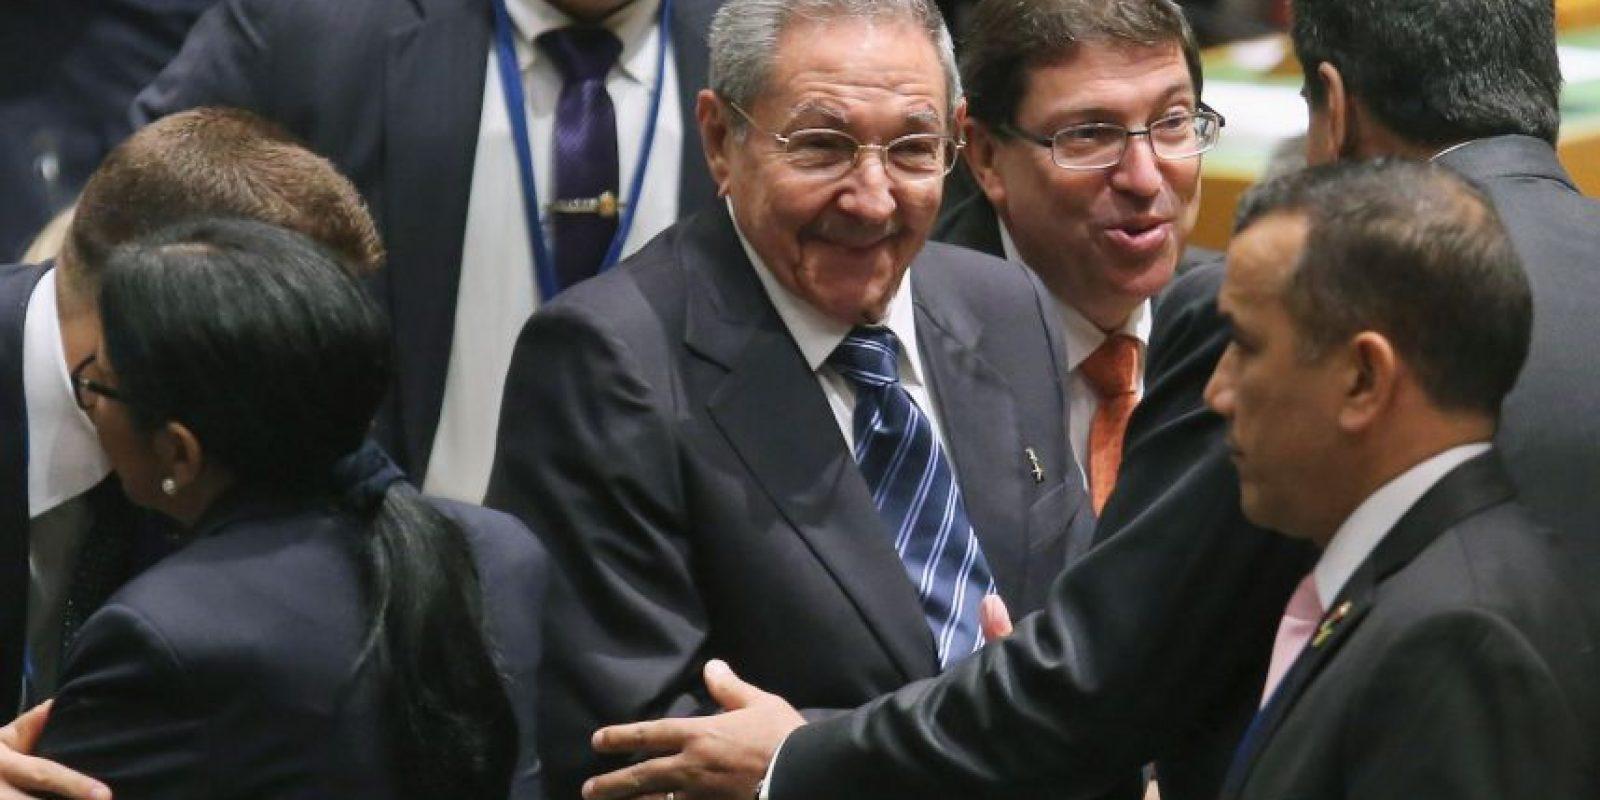 El presidente cubano pidio por el embargo económico que Estados Unidos tiene sobre Cuba. Foto:Getty Images